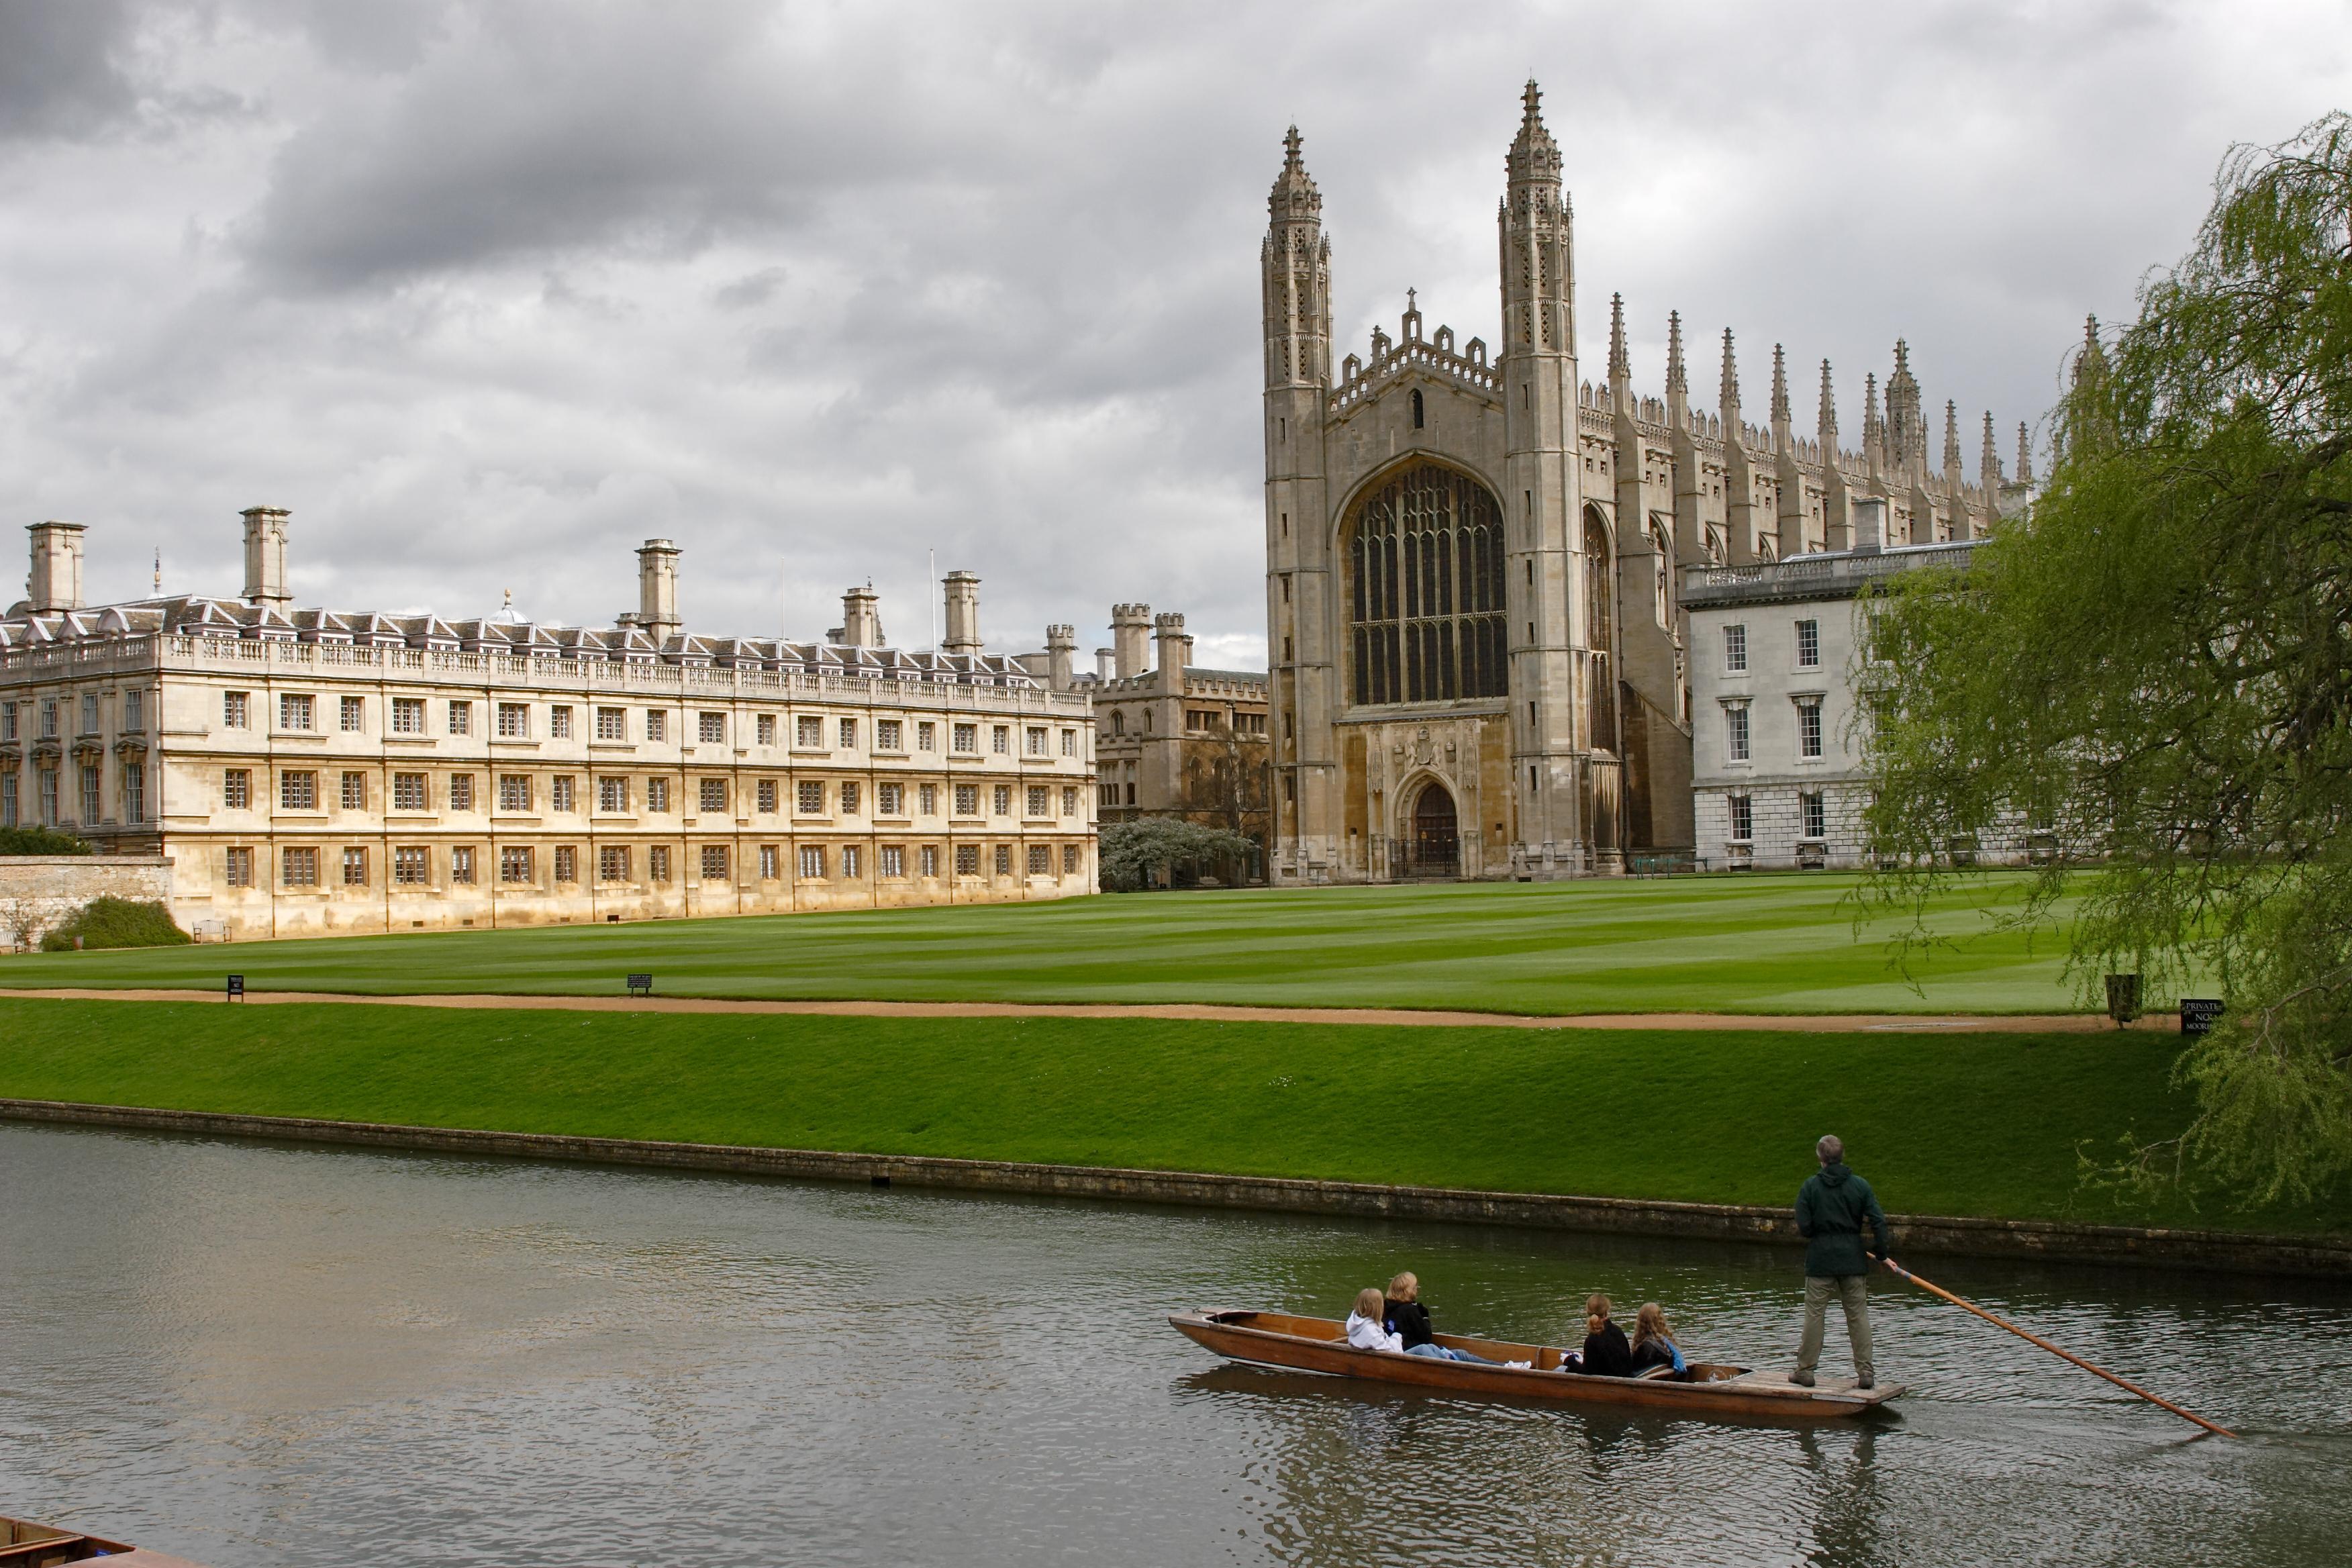 Atrévete a conducir como un gondolero veneciano - Inglaterra Circuito Todo Inglaterra: de York a Londres